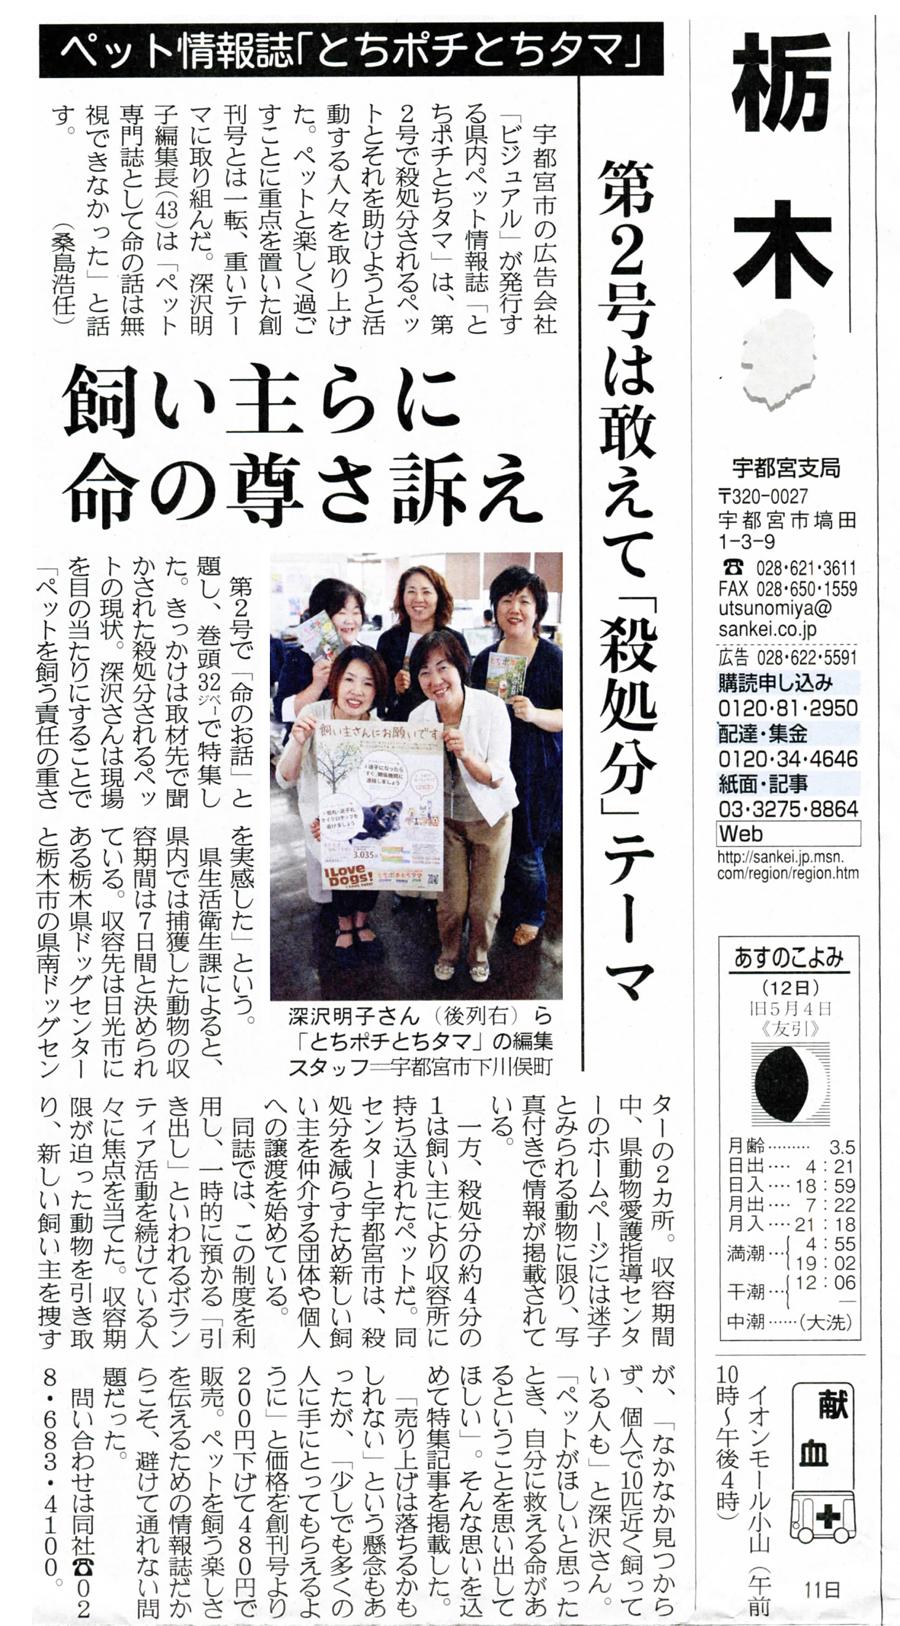 産経新聞さん記事